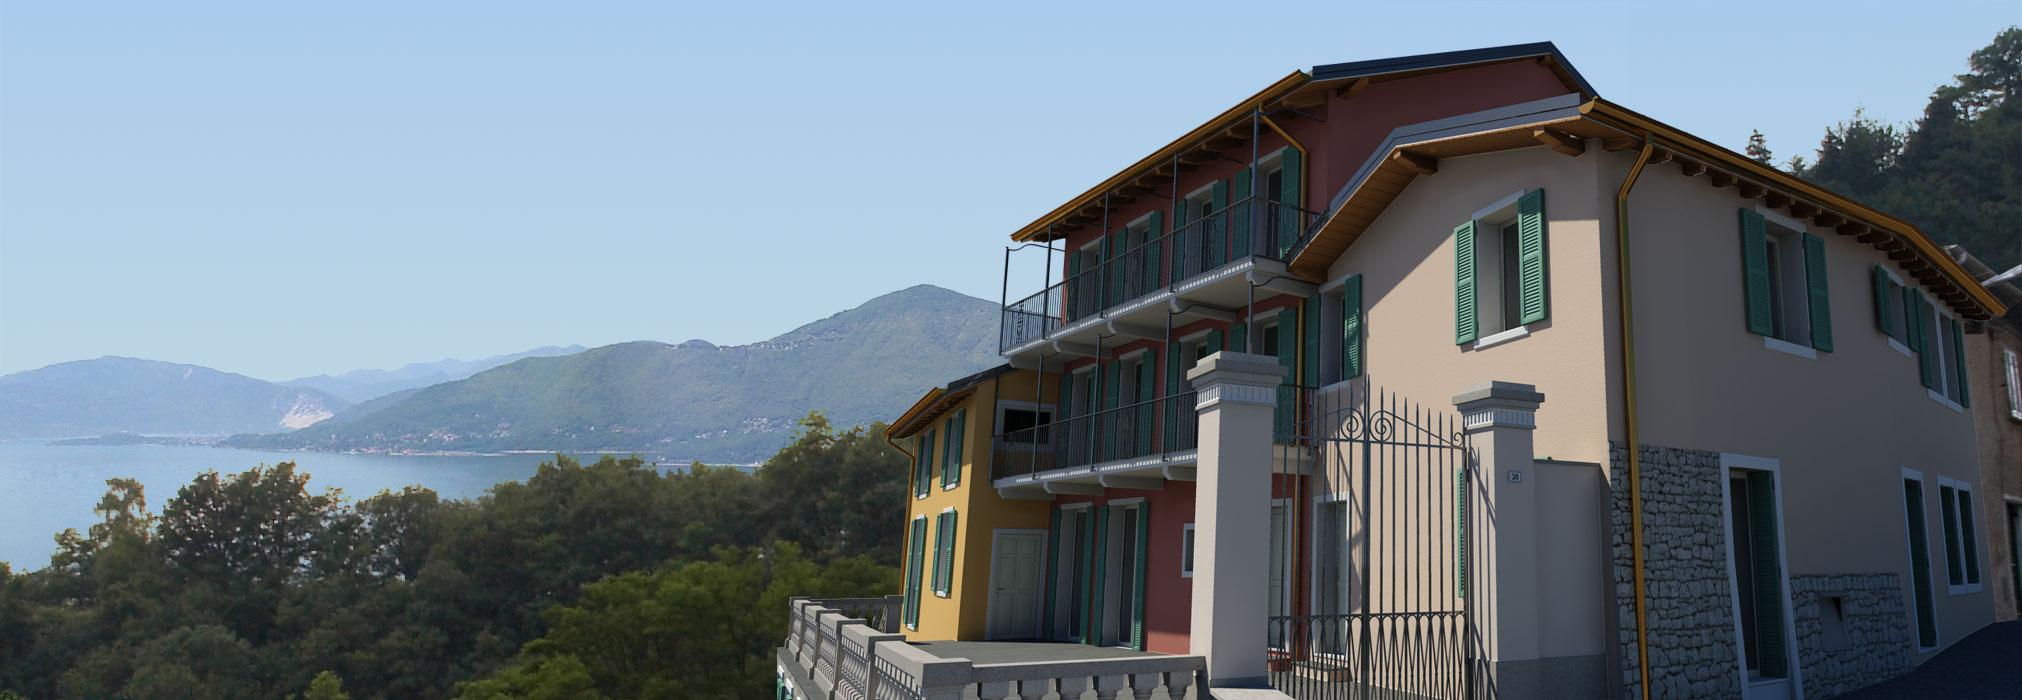 Cantieri a castelveccana agenzia immobiliare gabetti for Appartamenti prestigiosi milano